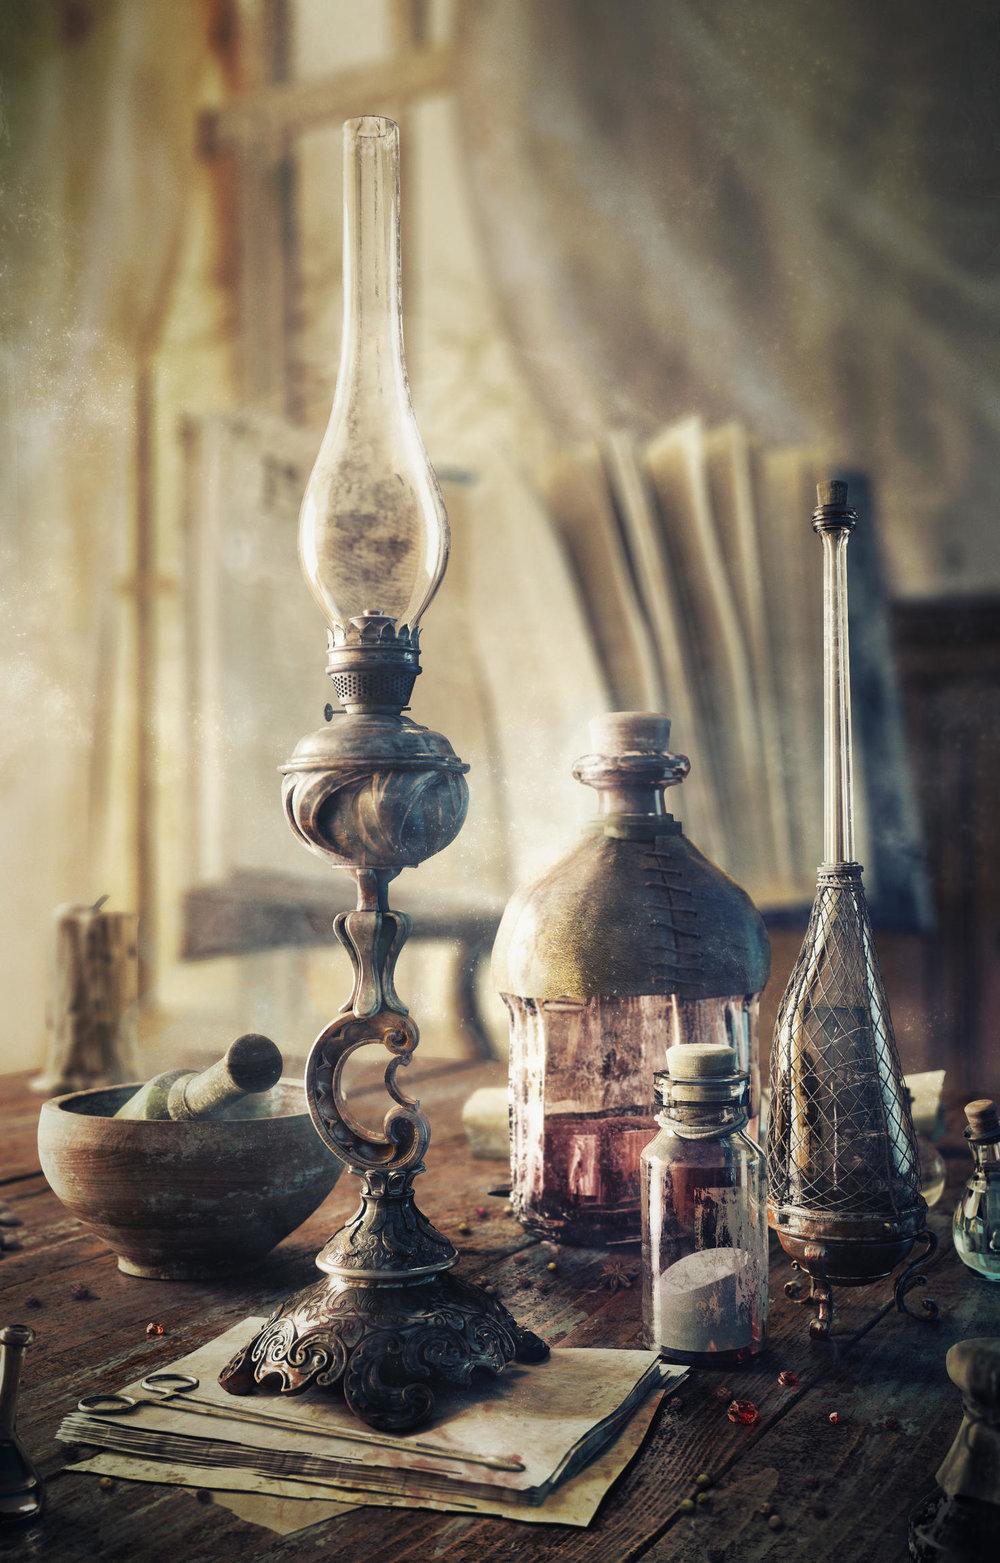 Top 10 Blender Artworks from January 2020 Blender Guru